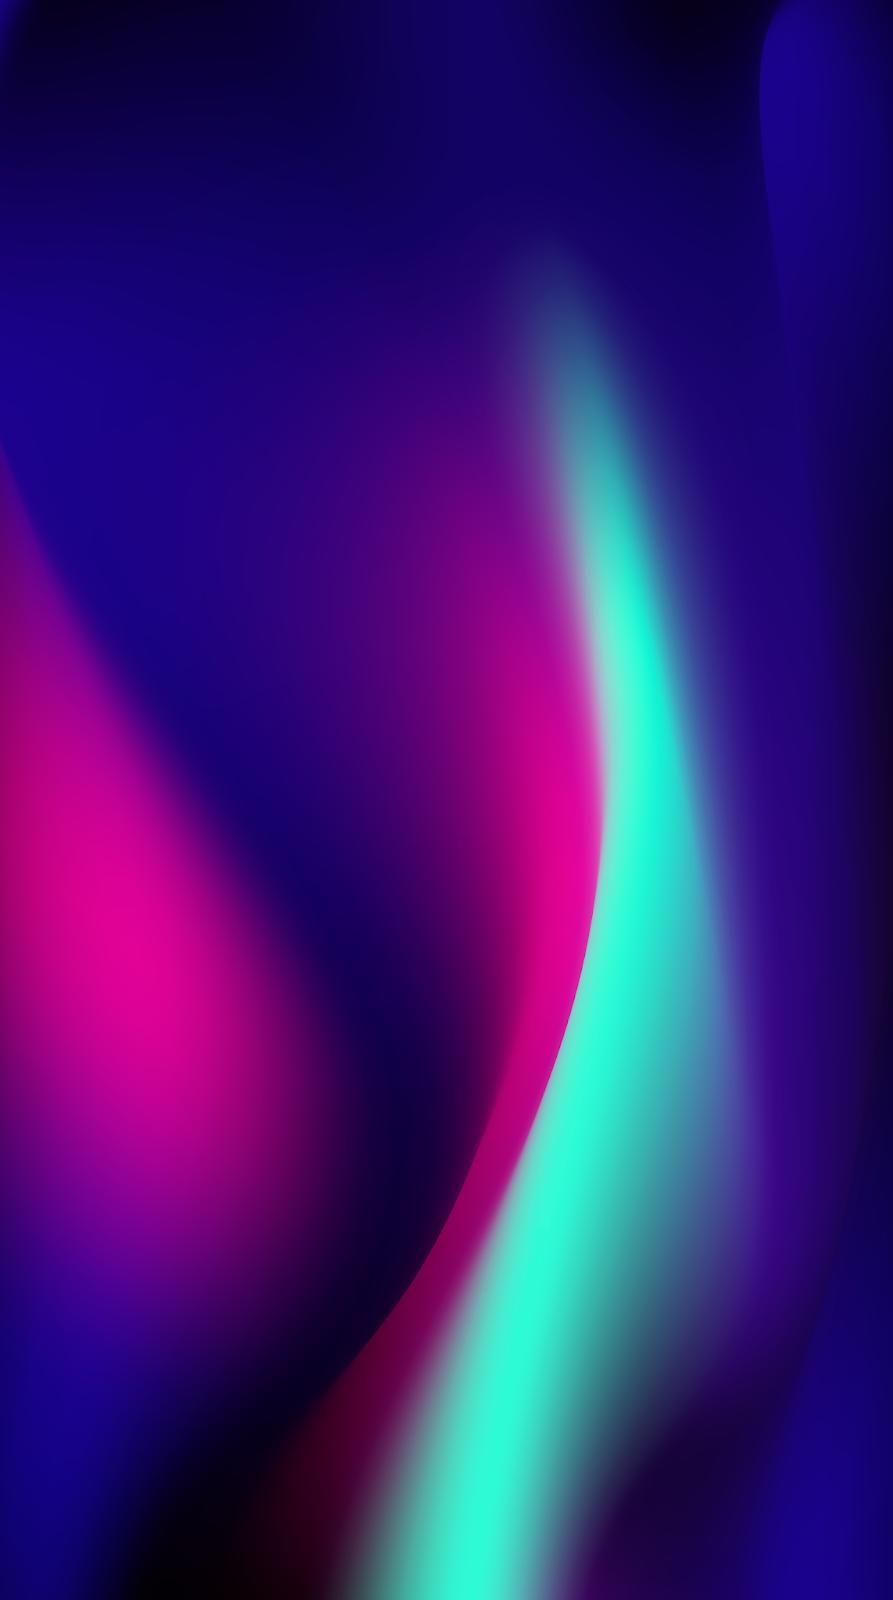 Gradient curve